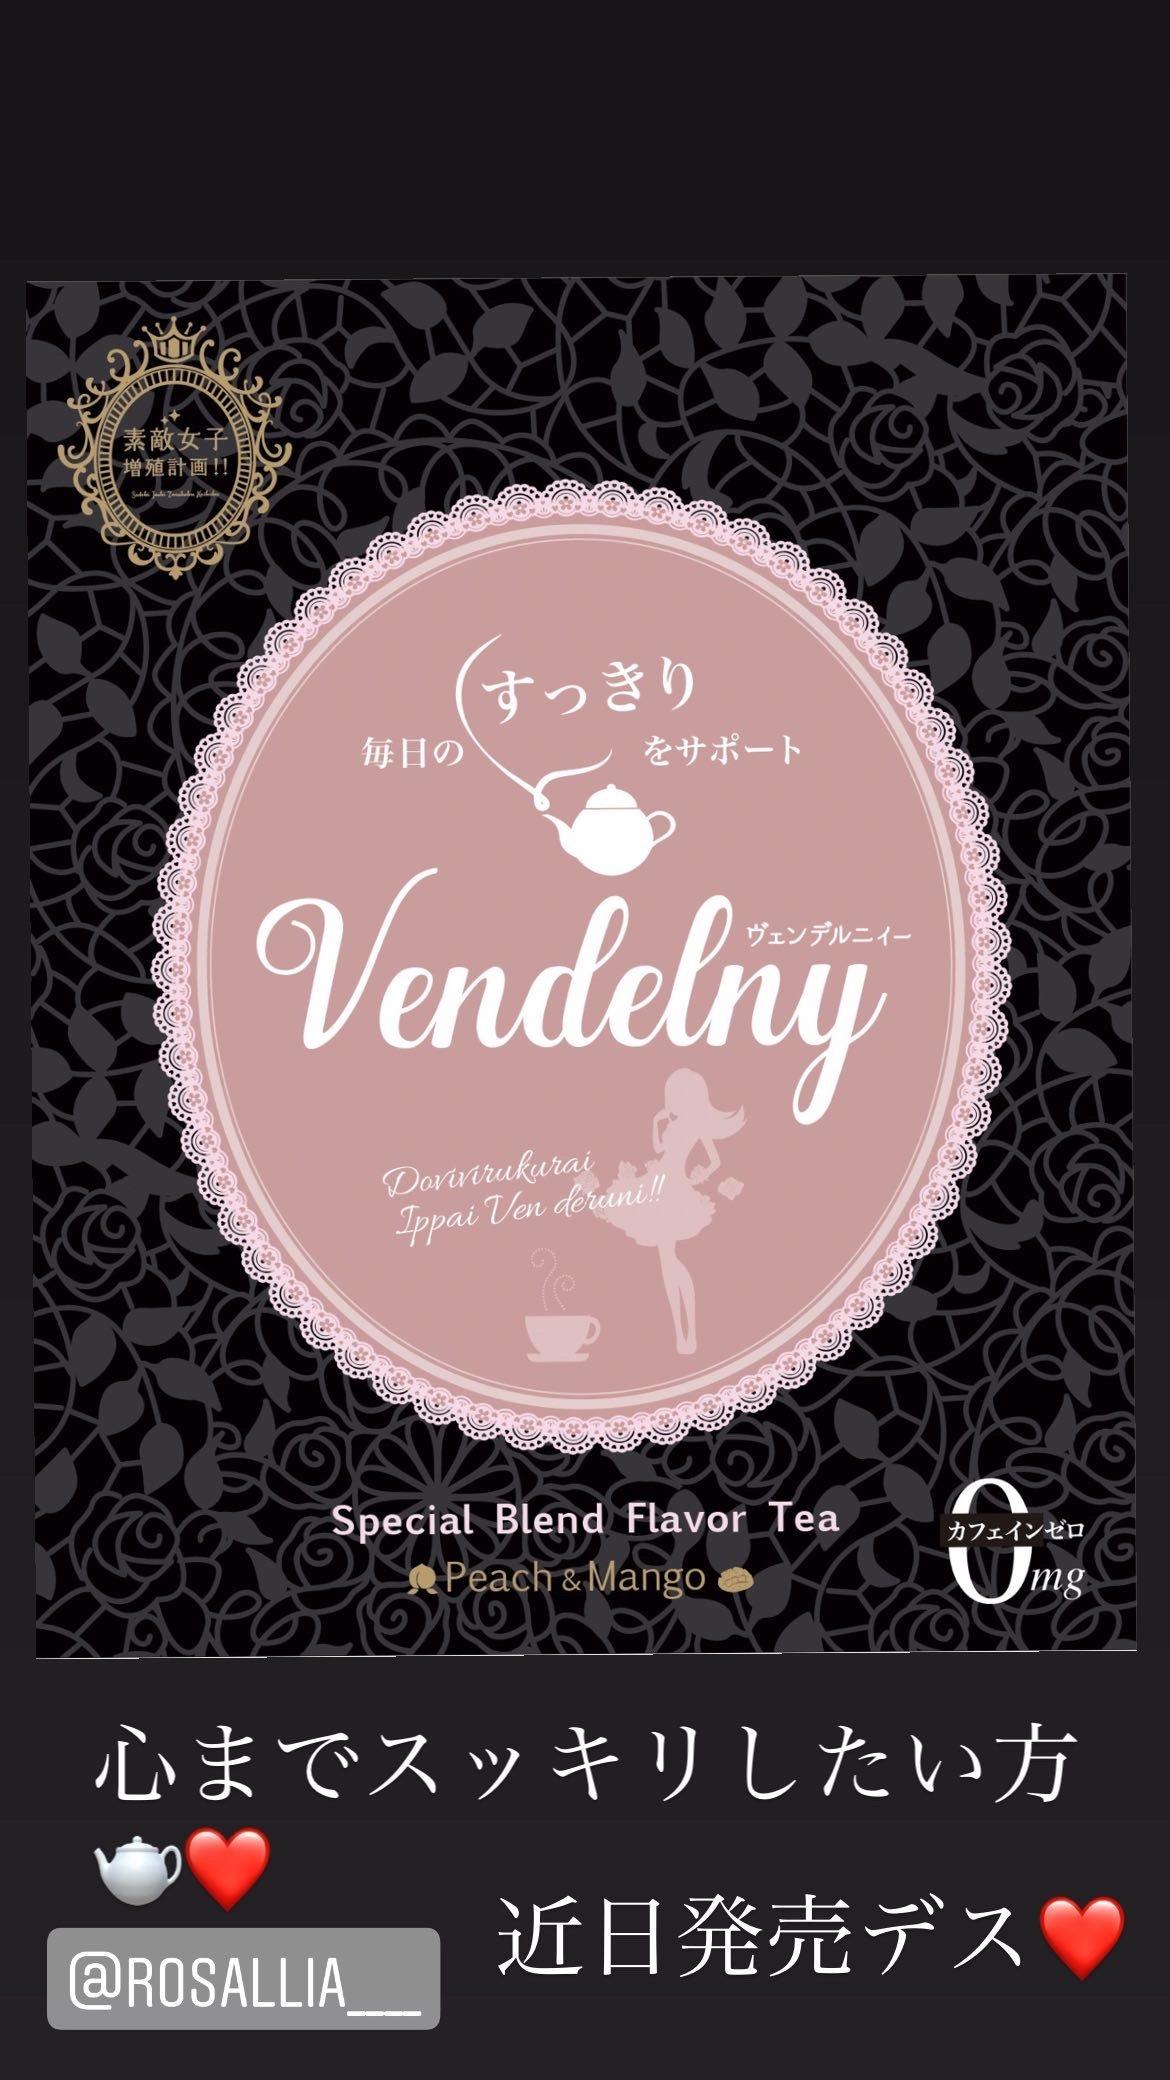 ヴェンデルニーお茶のイメージその1